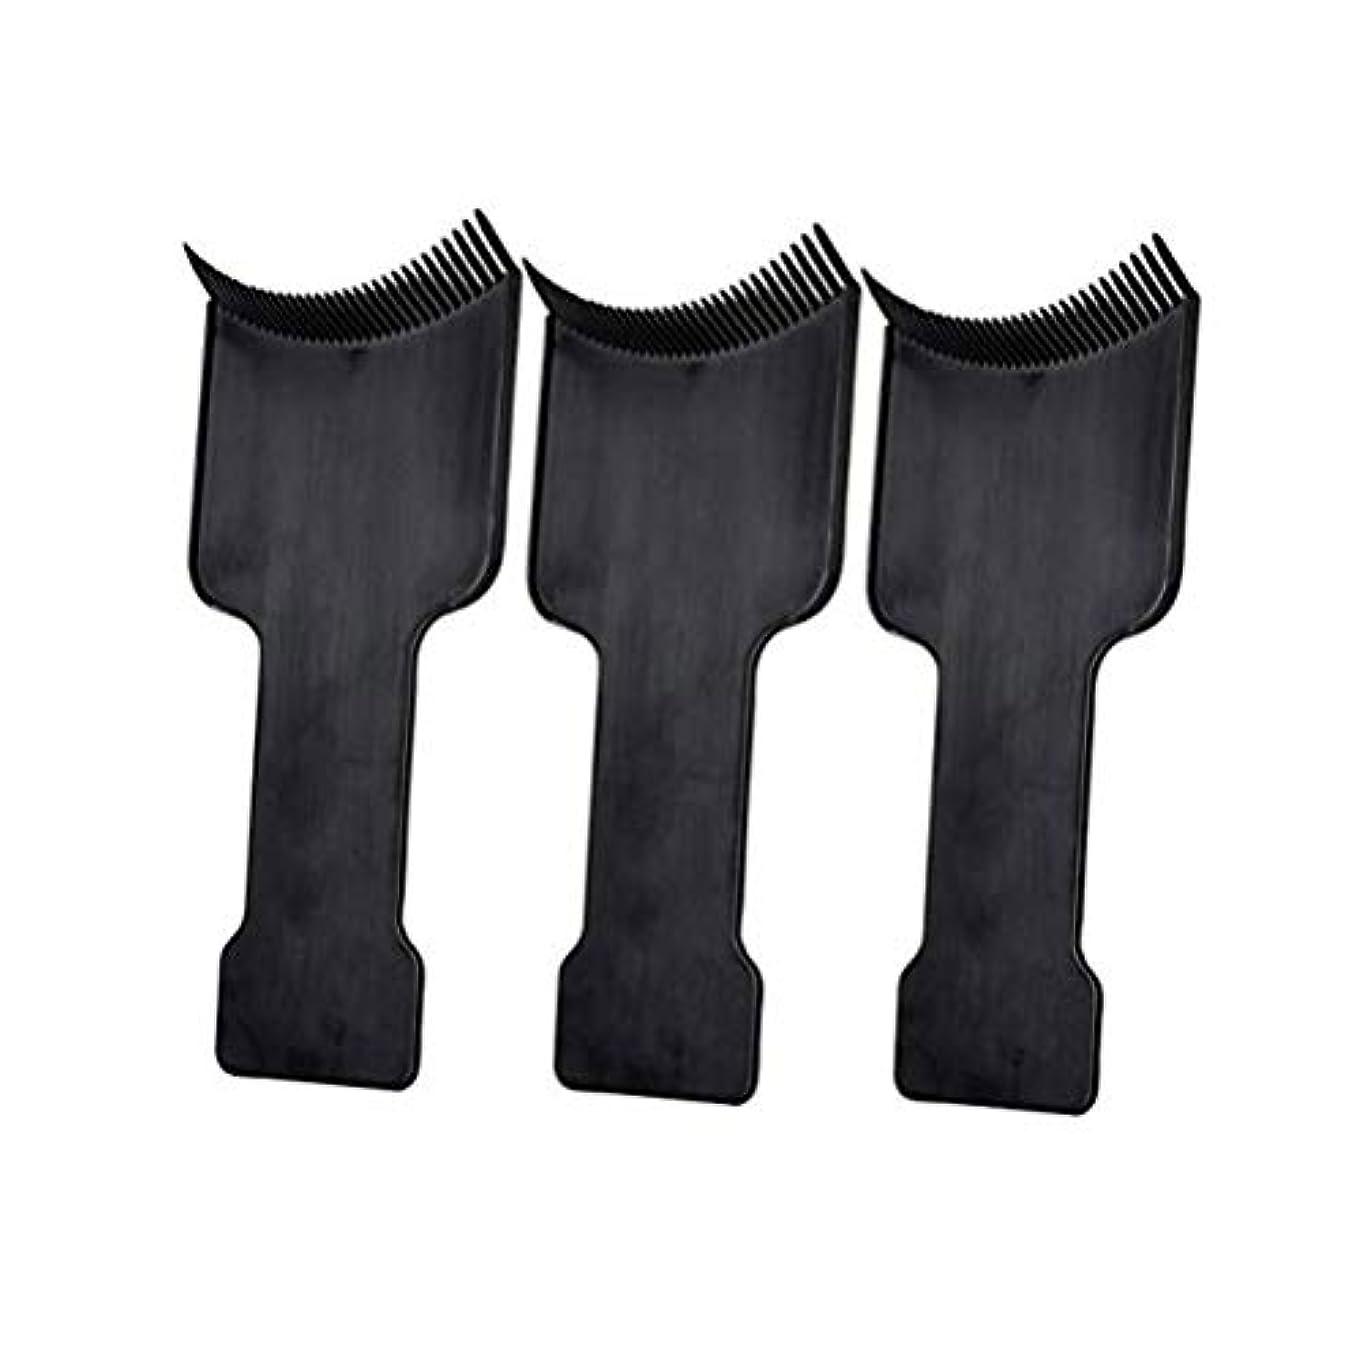 グローブリード徹底的にLurrose 3本ヘアカラーブラシヘアダイブラシヘアダイアプリケータヘアカラーブラシ(黒)